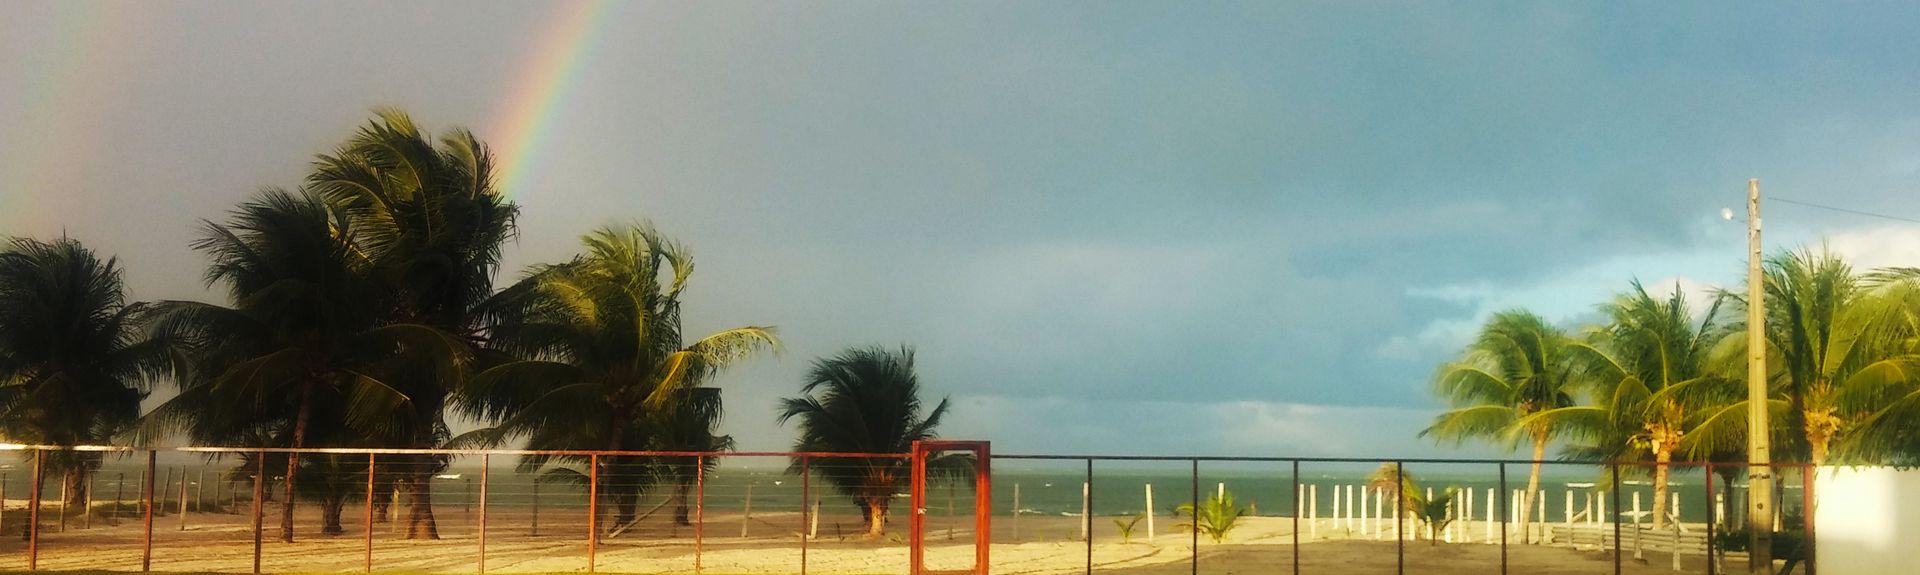 Pilar, Ilha de Itamaracá - PE, Brazil